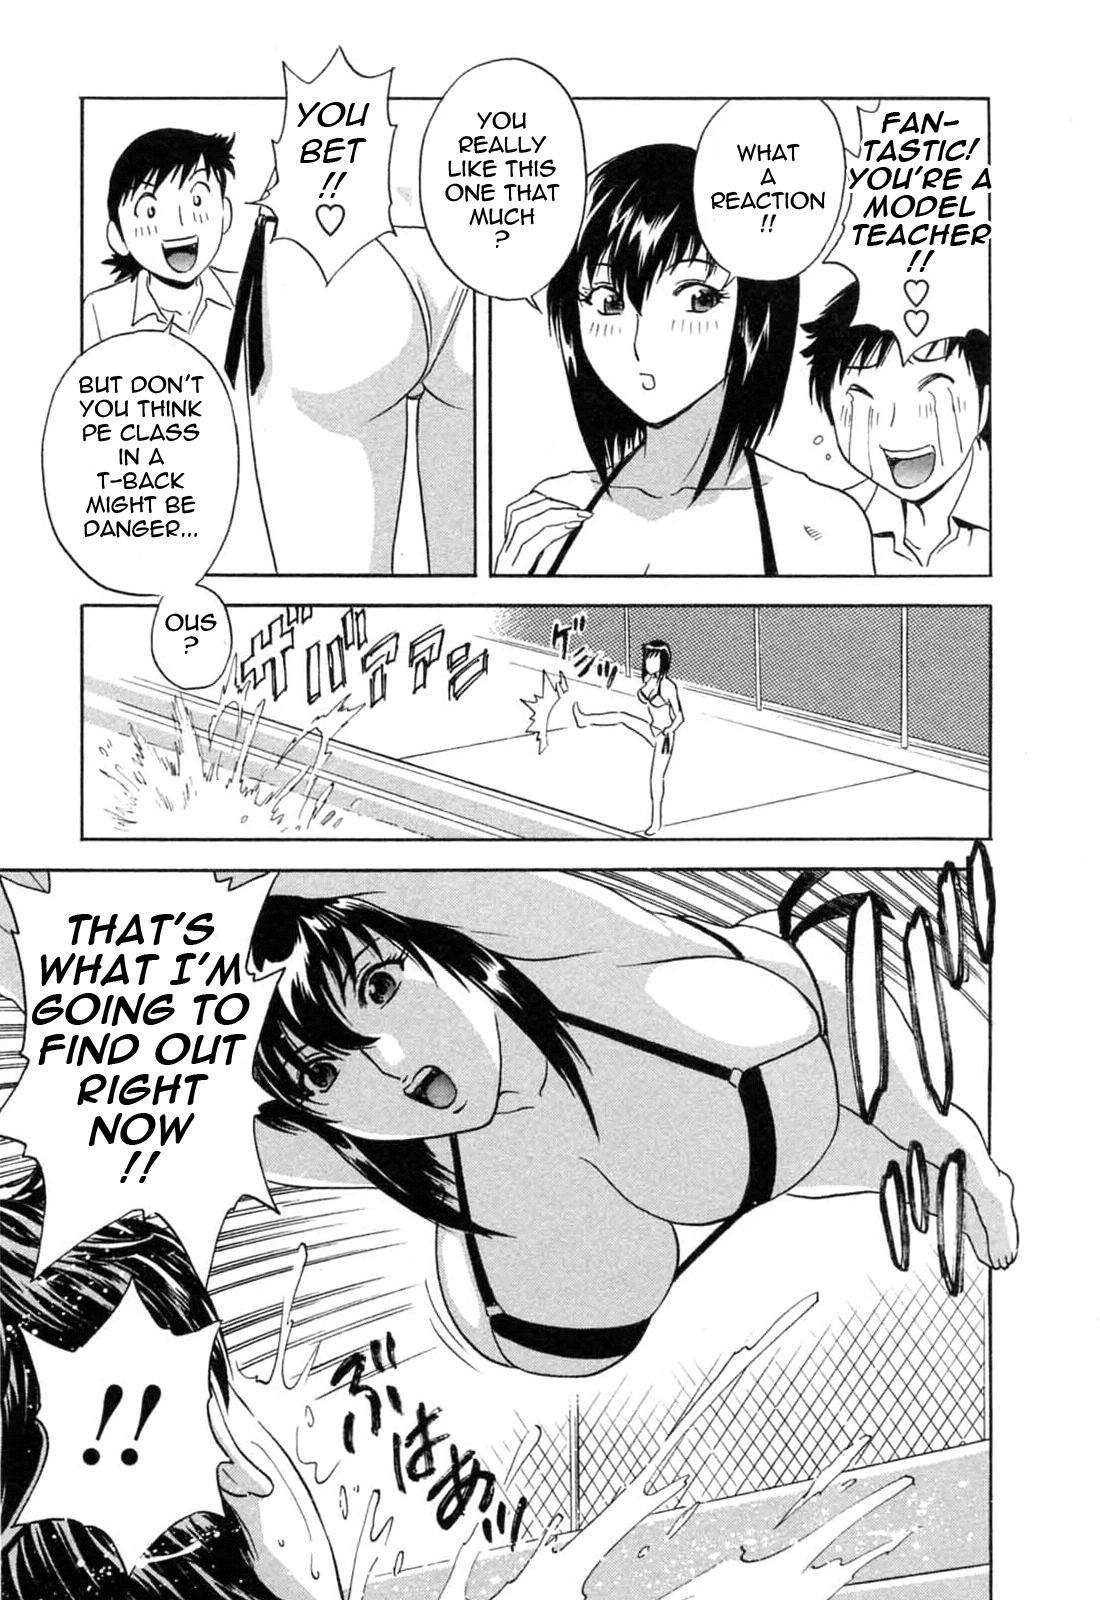 [Hidemaru] Mo-Retsu! Boin Sensei (Boing Boing Teacher) Vol.5 [English] [4dawgz] [Tadanohito] 120